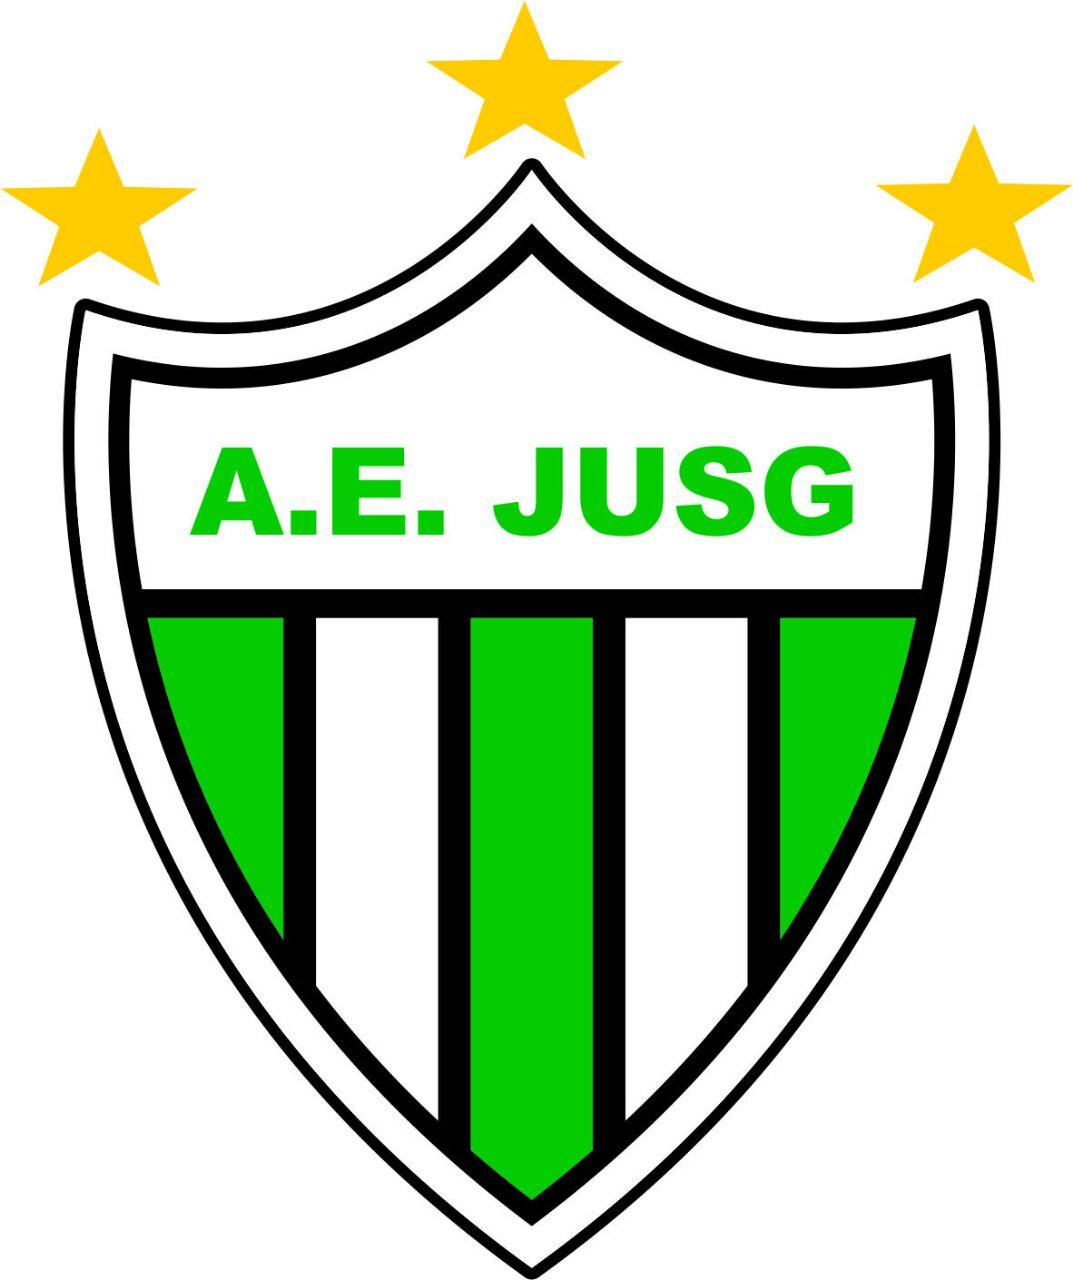 AE JUSG